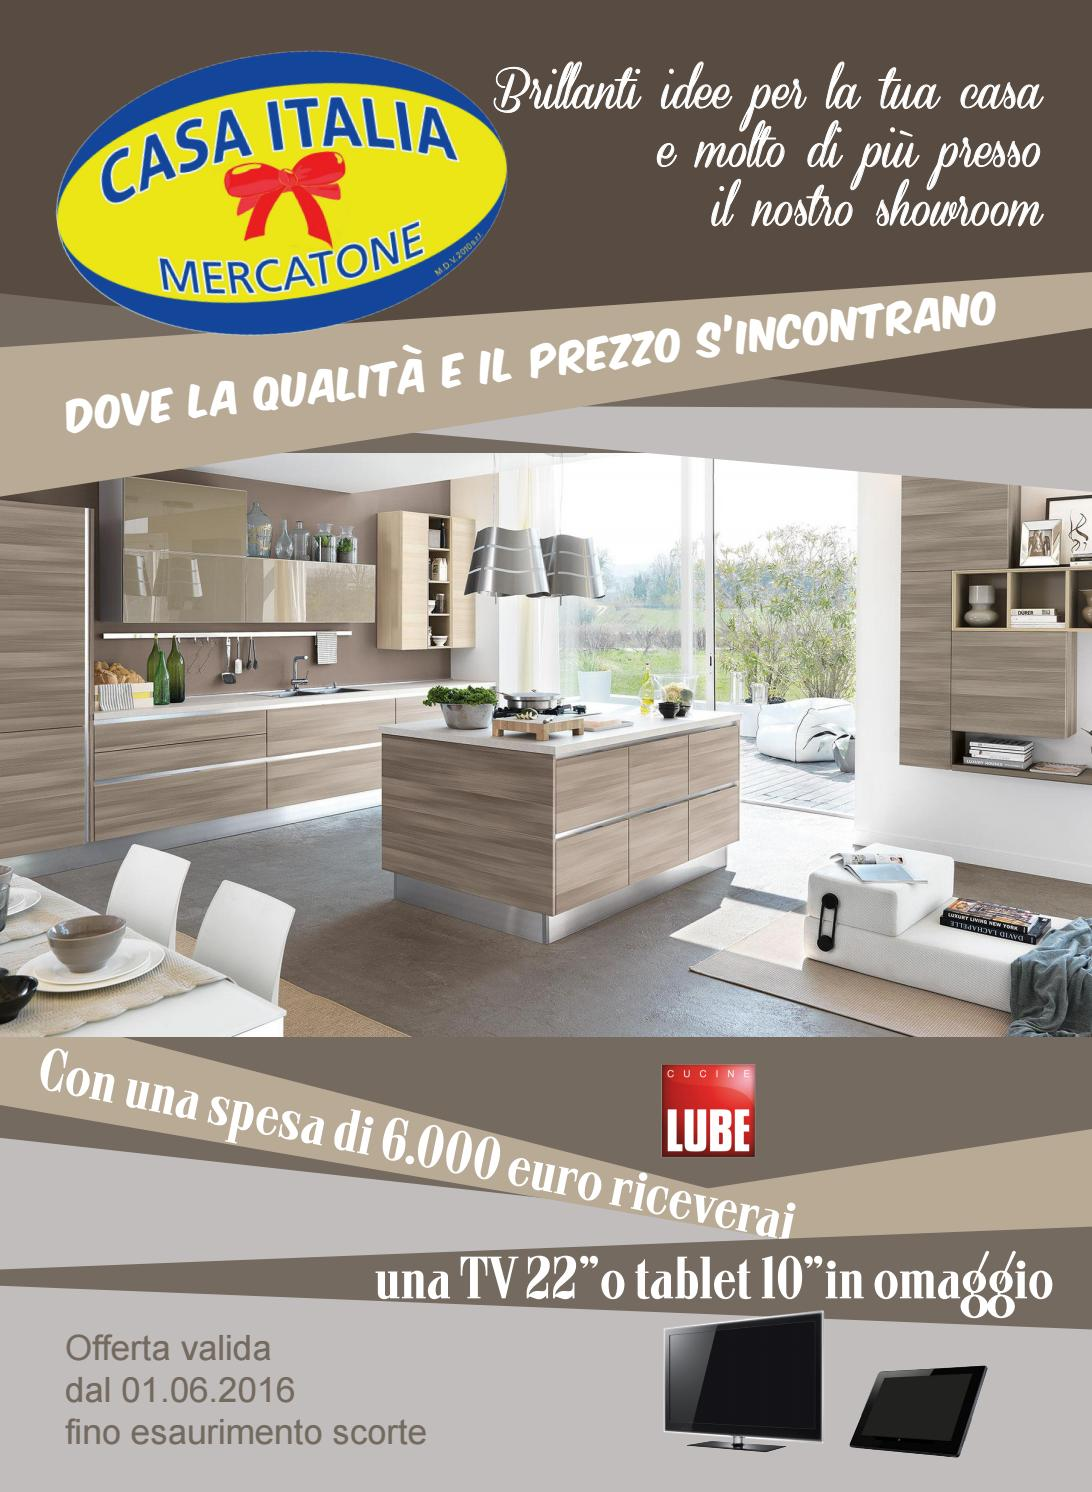 Catalogo 2016 - Mercatone di Ventimiglia by LinfaTv.com - issuu